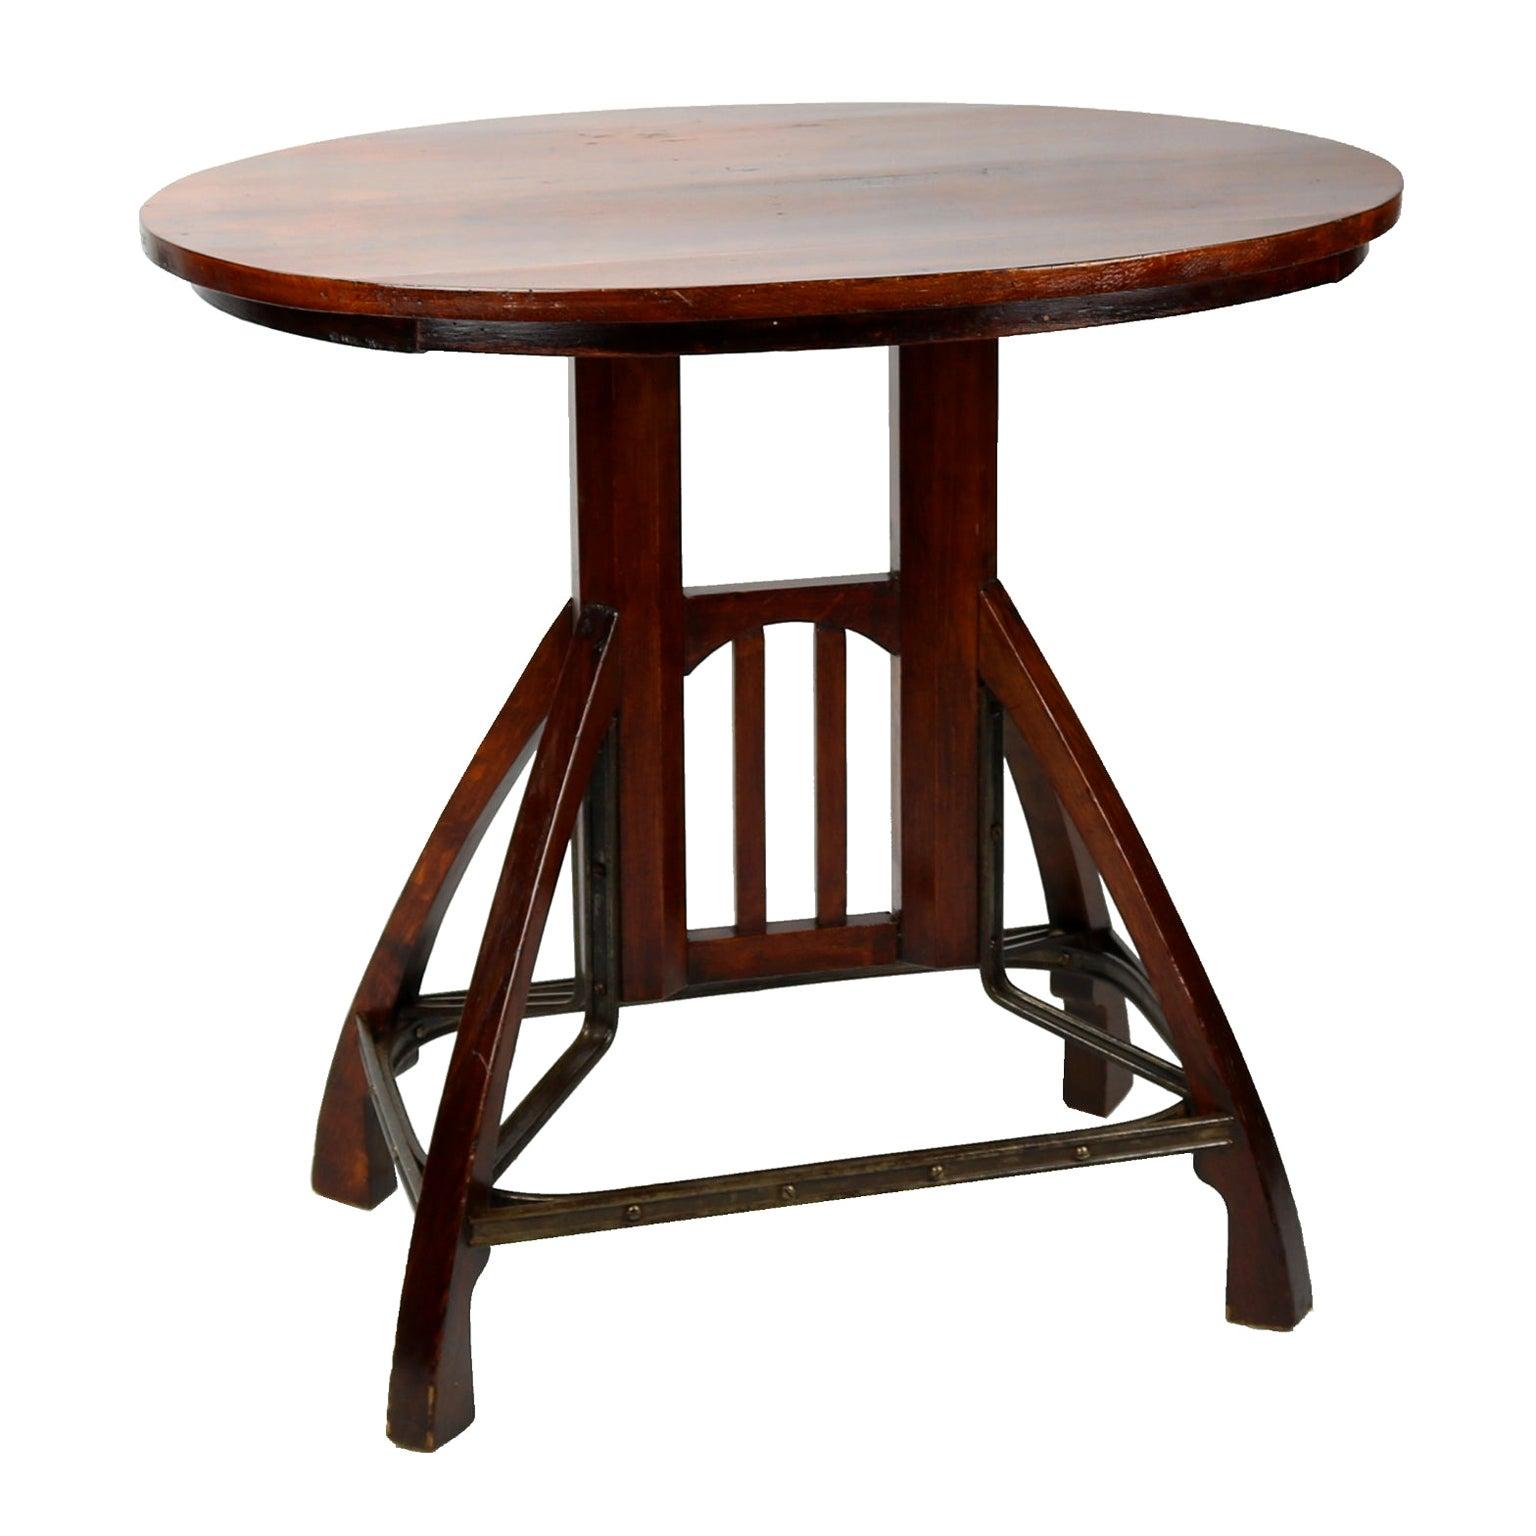 Art Nouveau Side Table, circa 1900